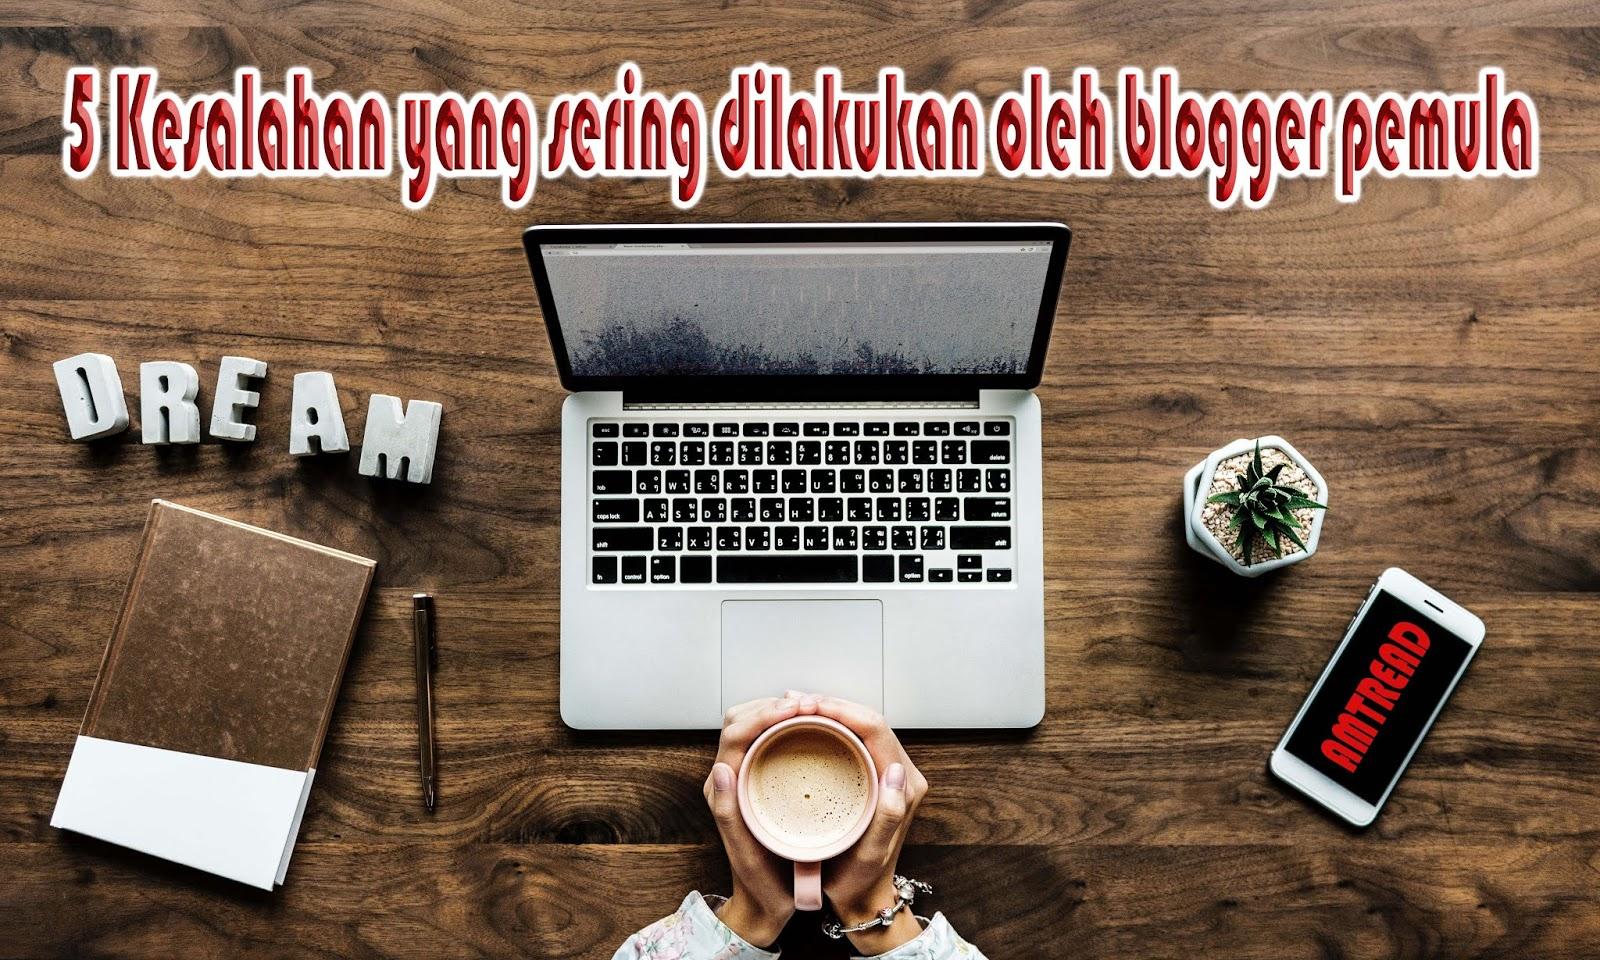 Kesalahan yang sering dilakukan oleh blogger pemula